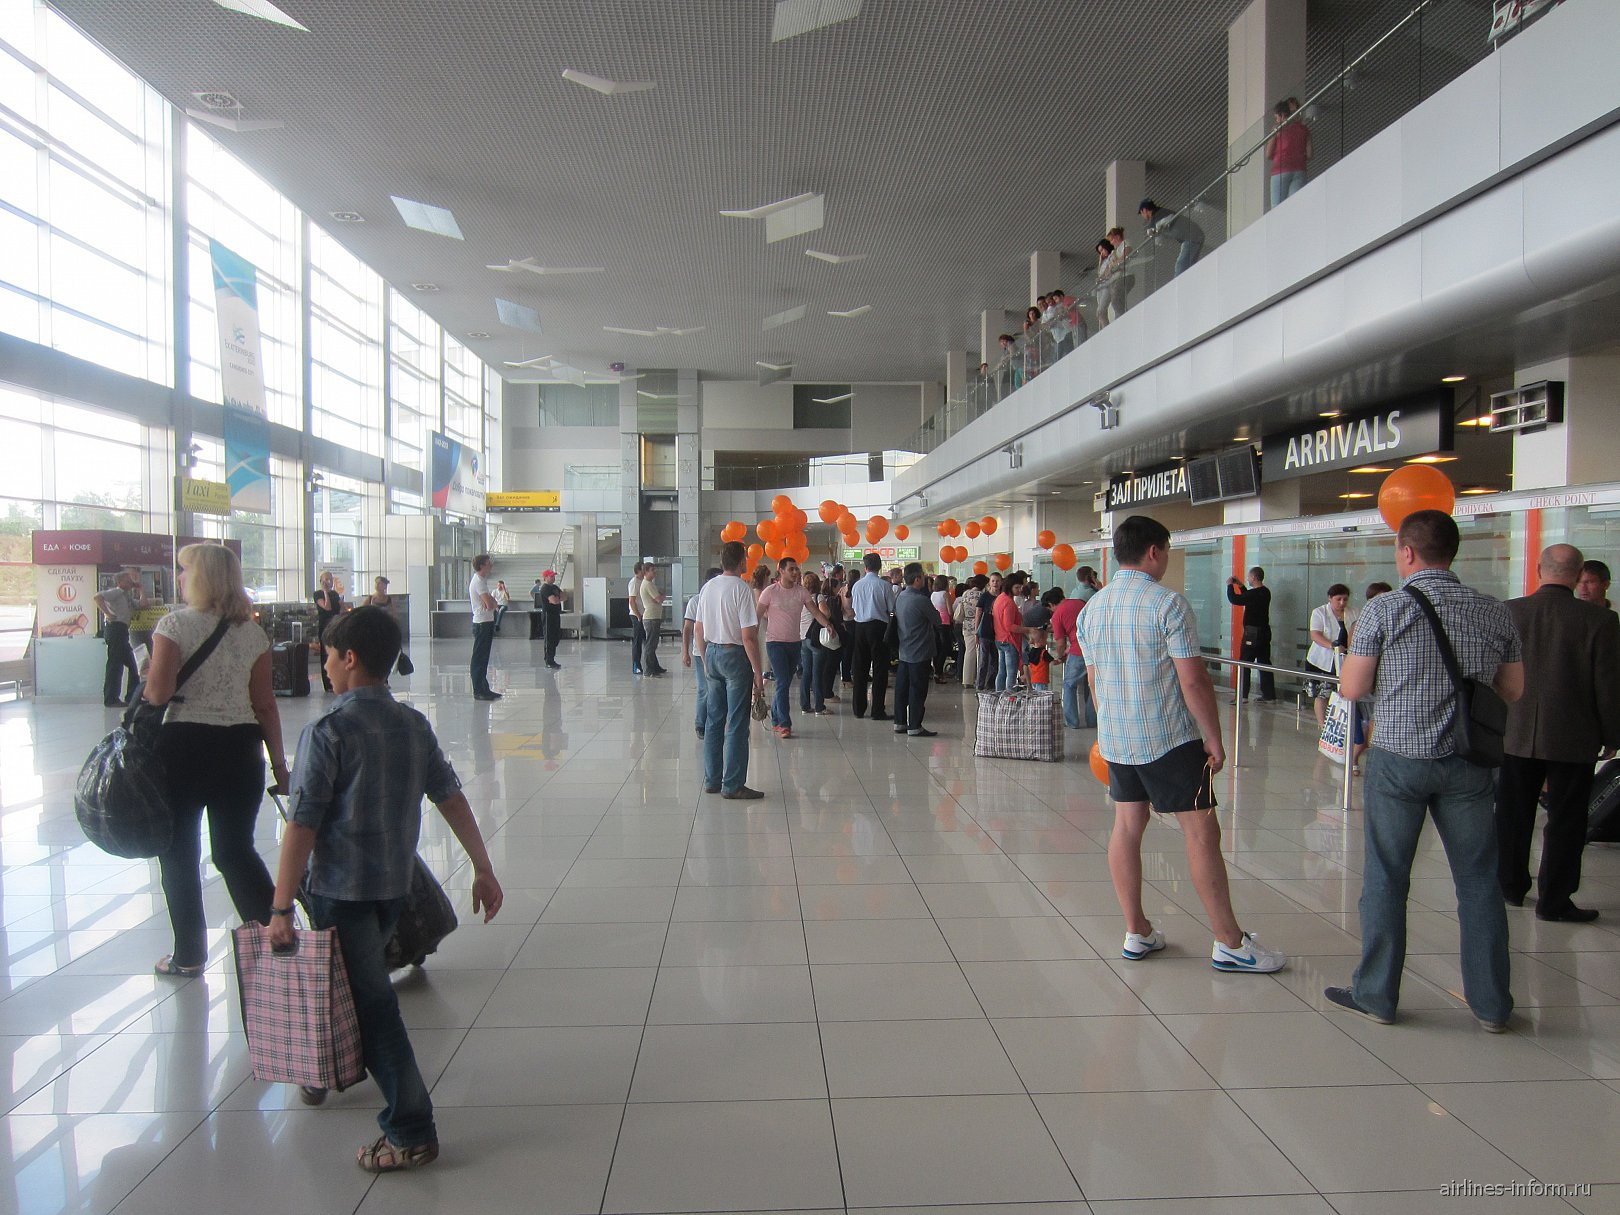 Зал прилета в Терминале B аэропорта Кольцово